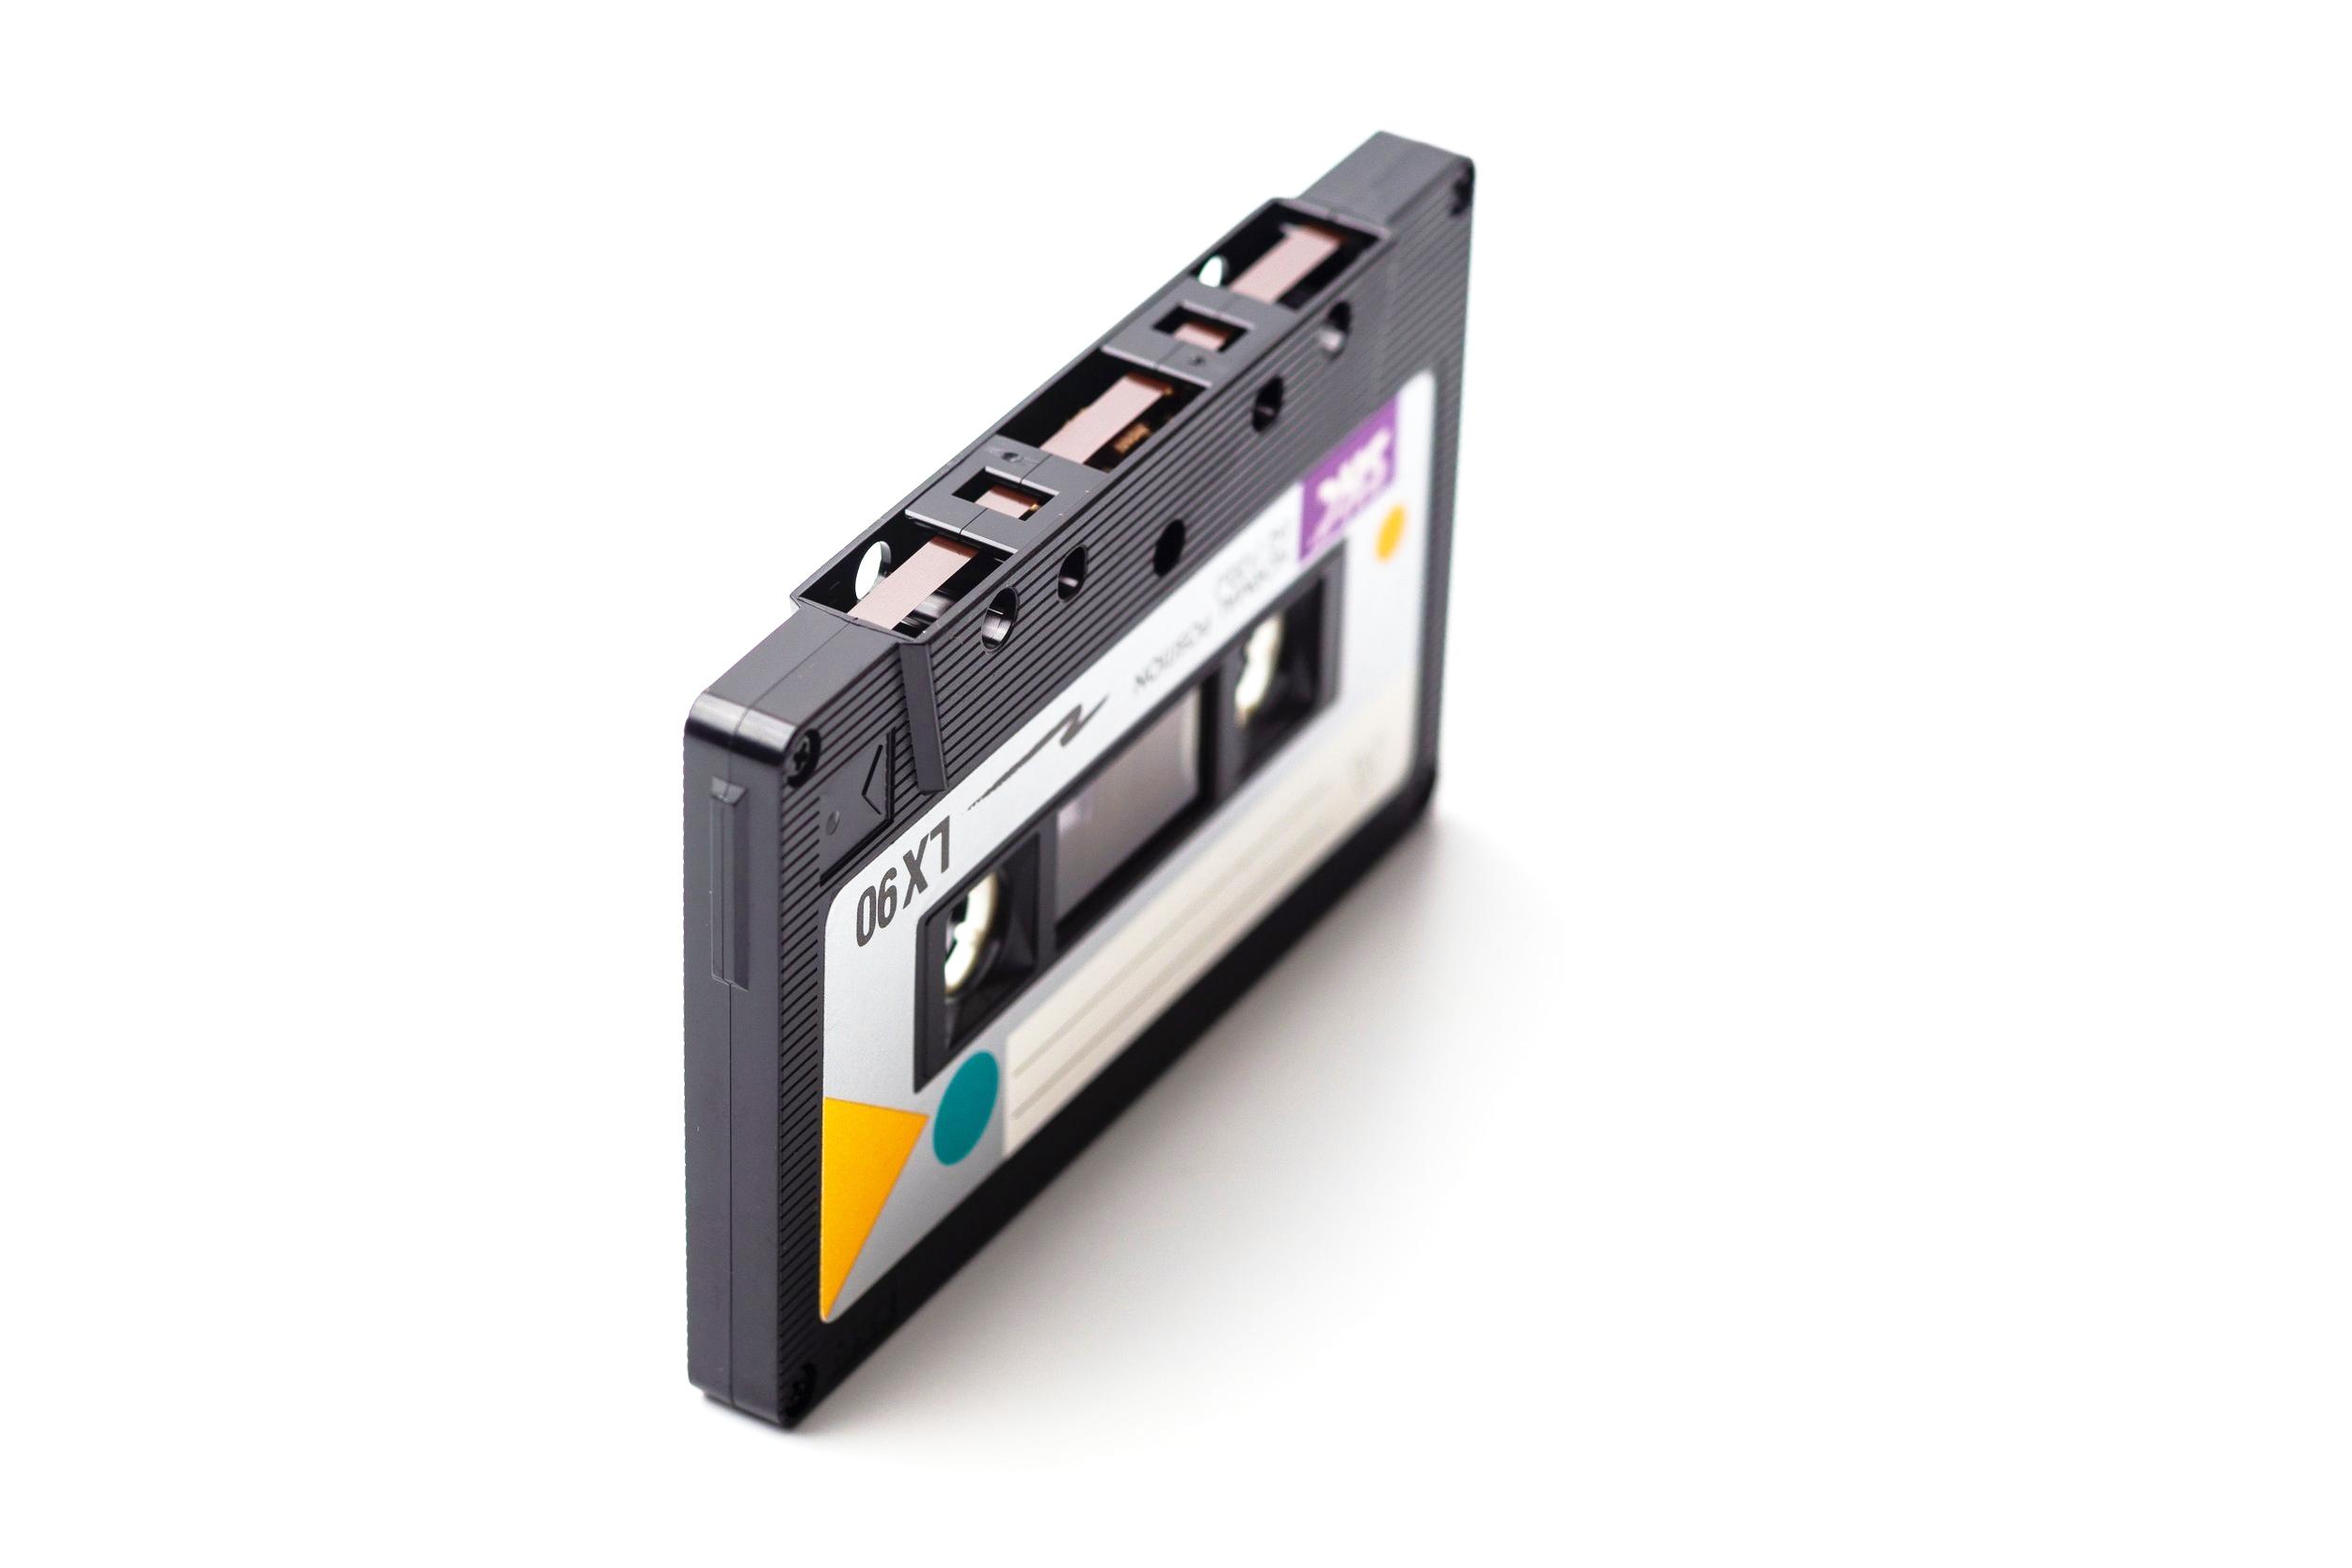 aged-audio-cassette-1228497.jpg